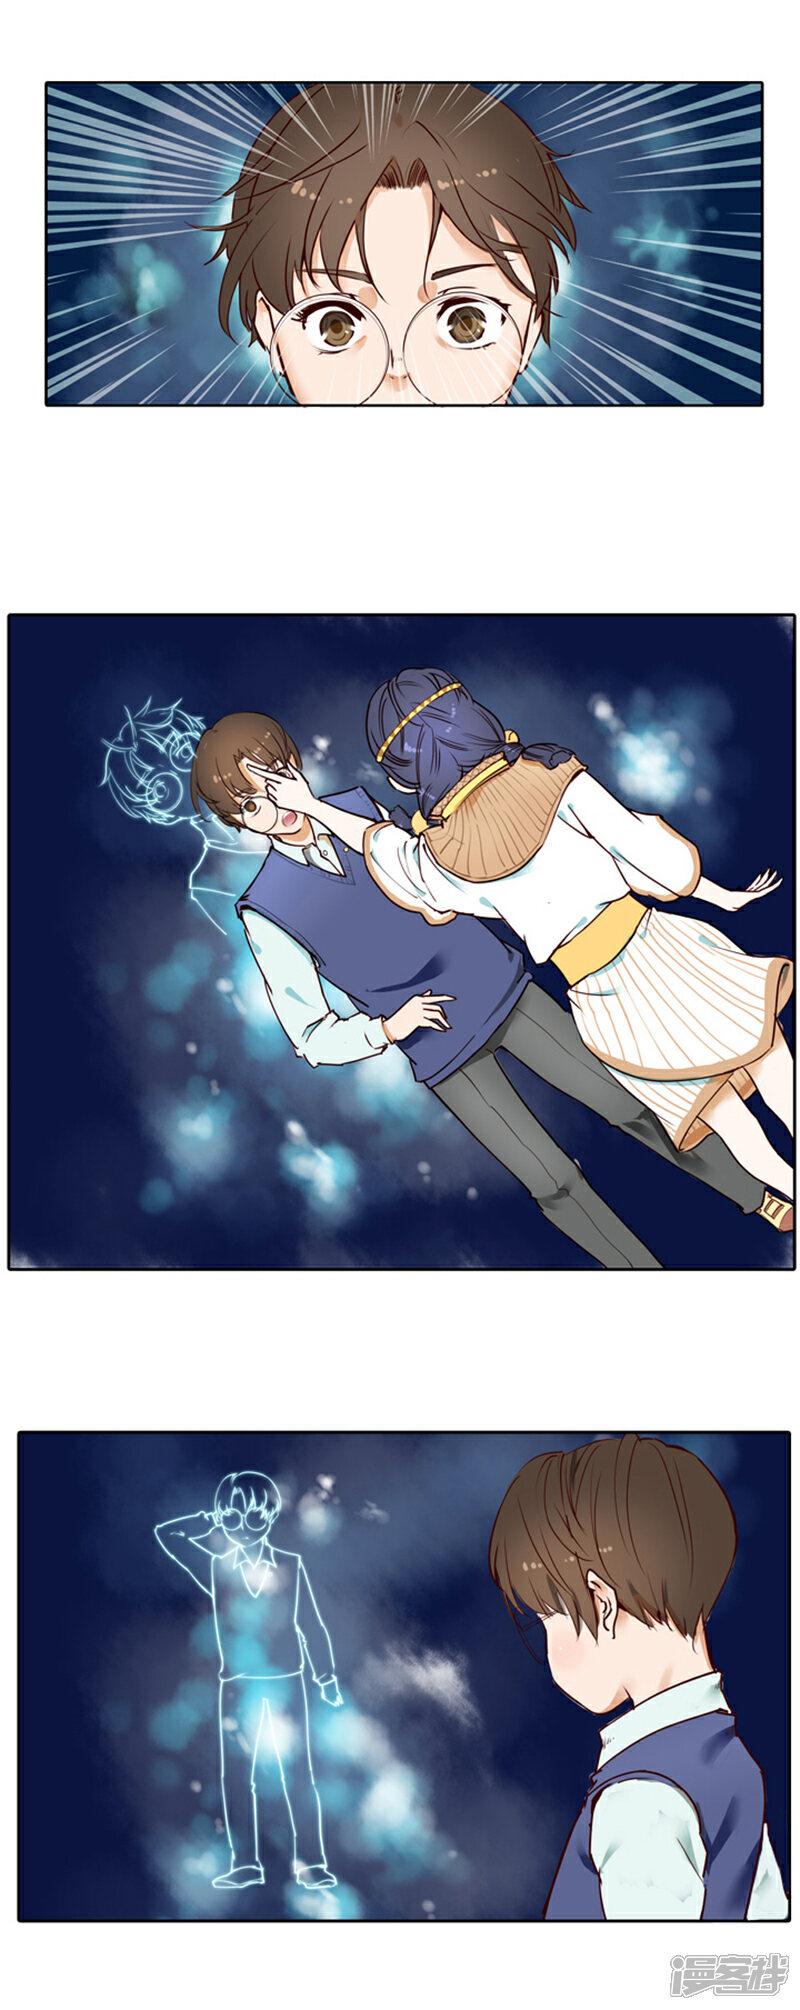 漫画帮帮忙水神第3话-漫漫画的新娘客栈祖先百度图片